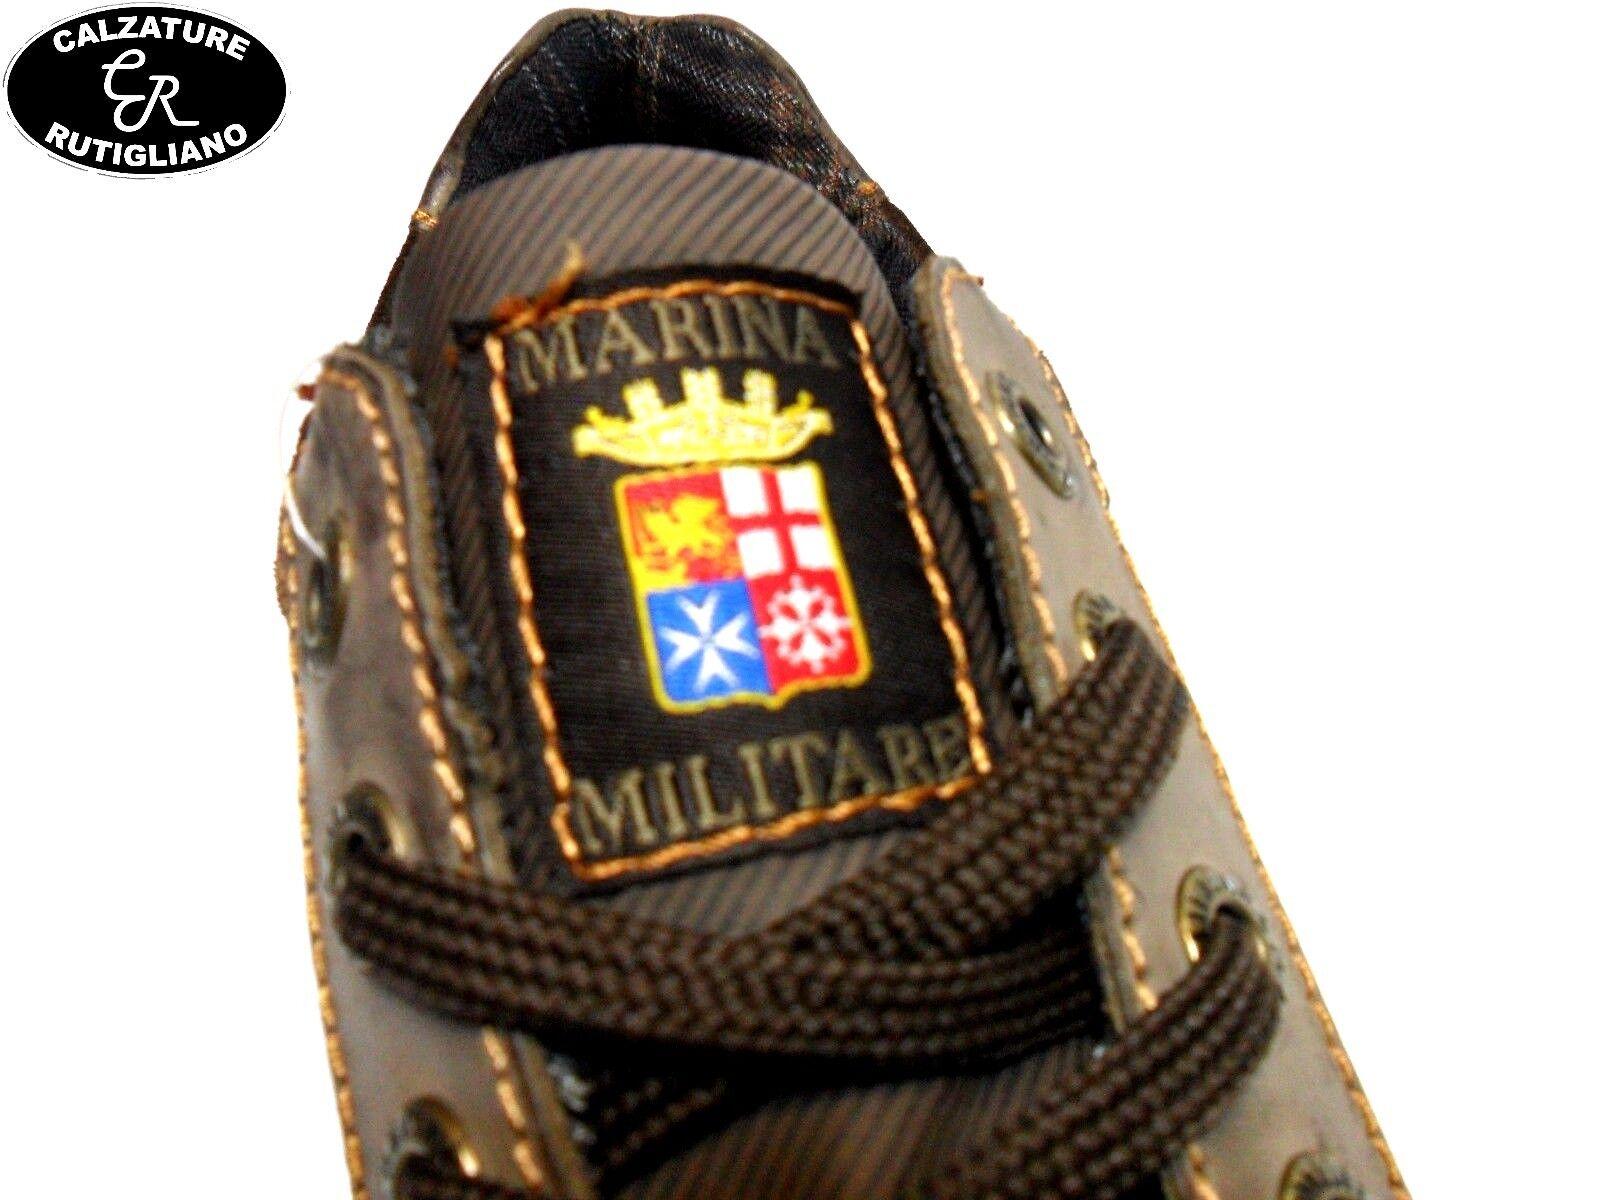 MARINA MILITARE SCARPE UOMO UOMO UOMO MODELLO scarpe da ginnastica MarroneeE PELLE CAMOSCIO - MM1570 | Cliente Al Primo  | Uomini/Donna Scarpa  03e421